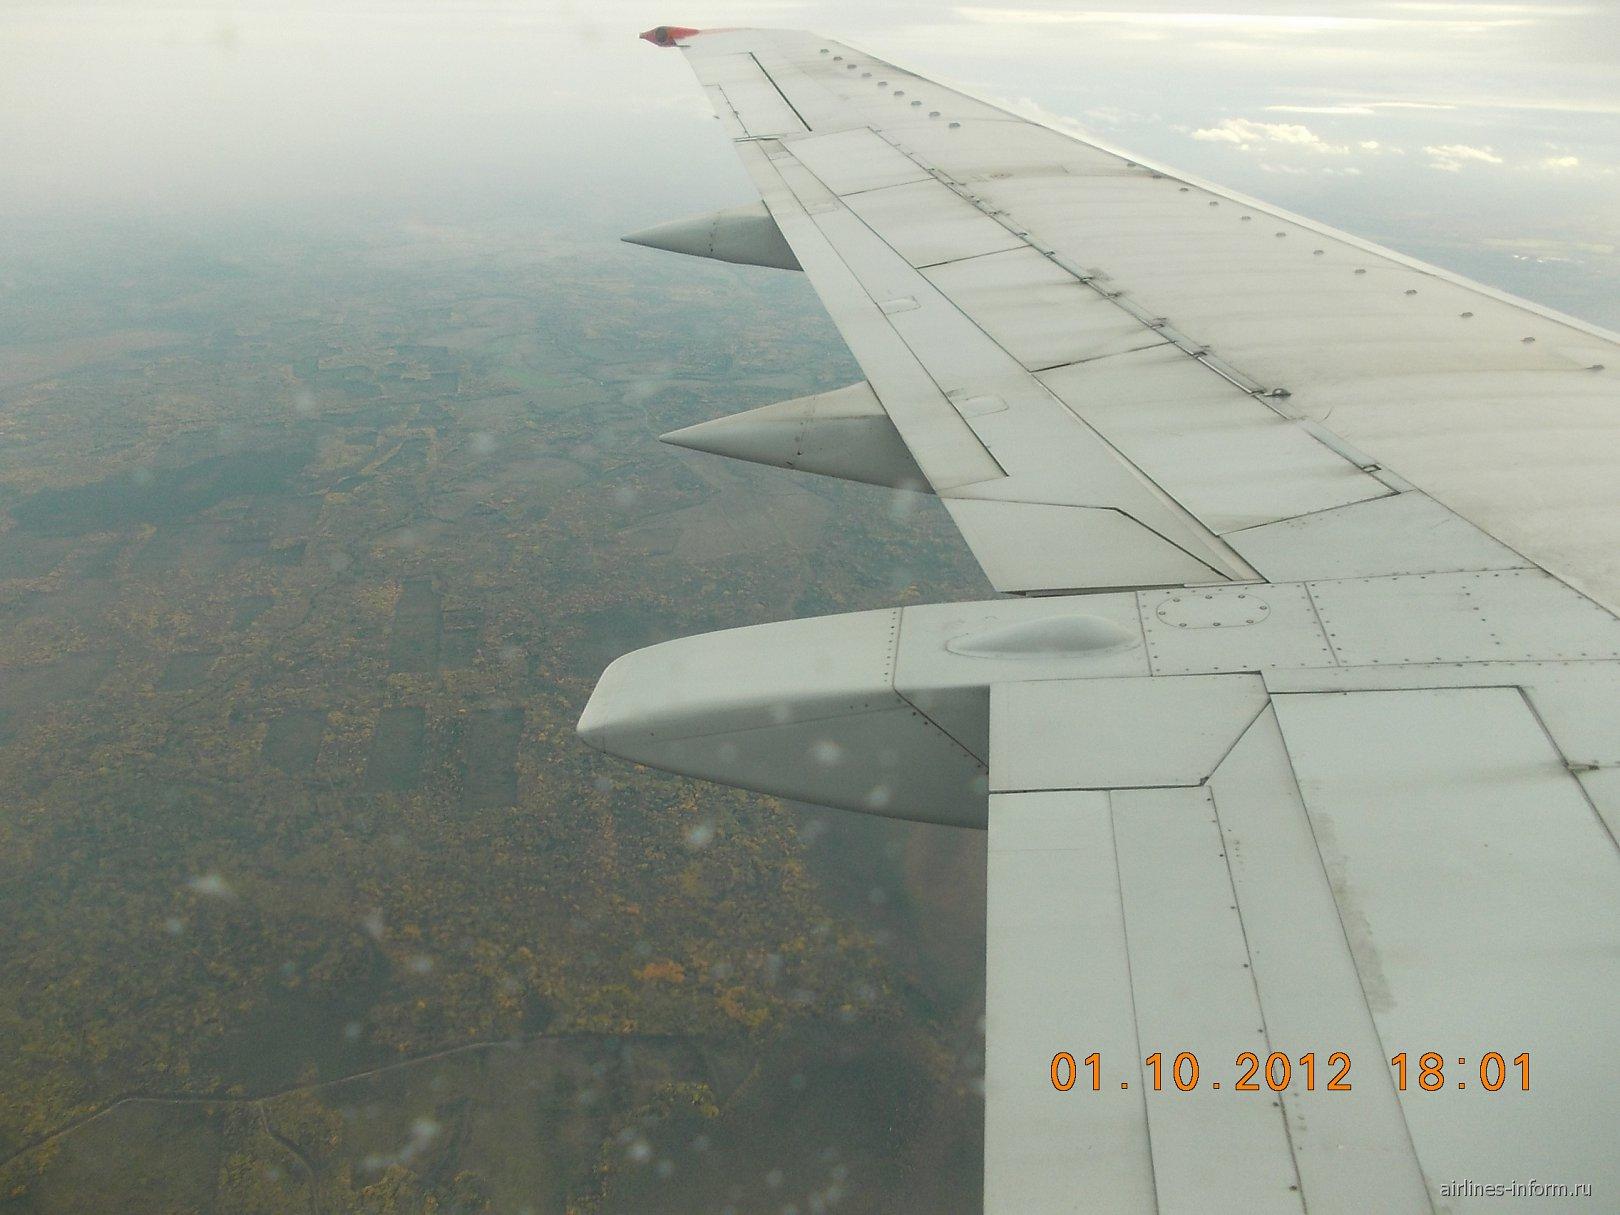 Рейс Сыктывкар-Санкт-Петербург авиакомпании Нордавиа